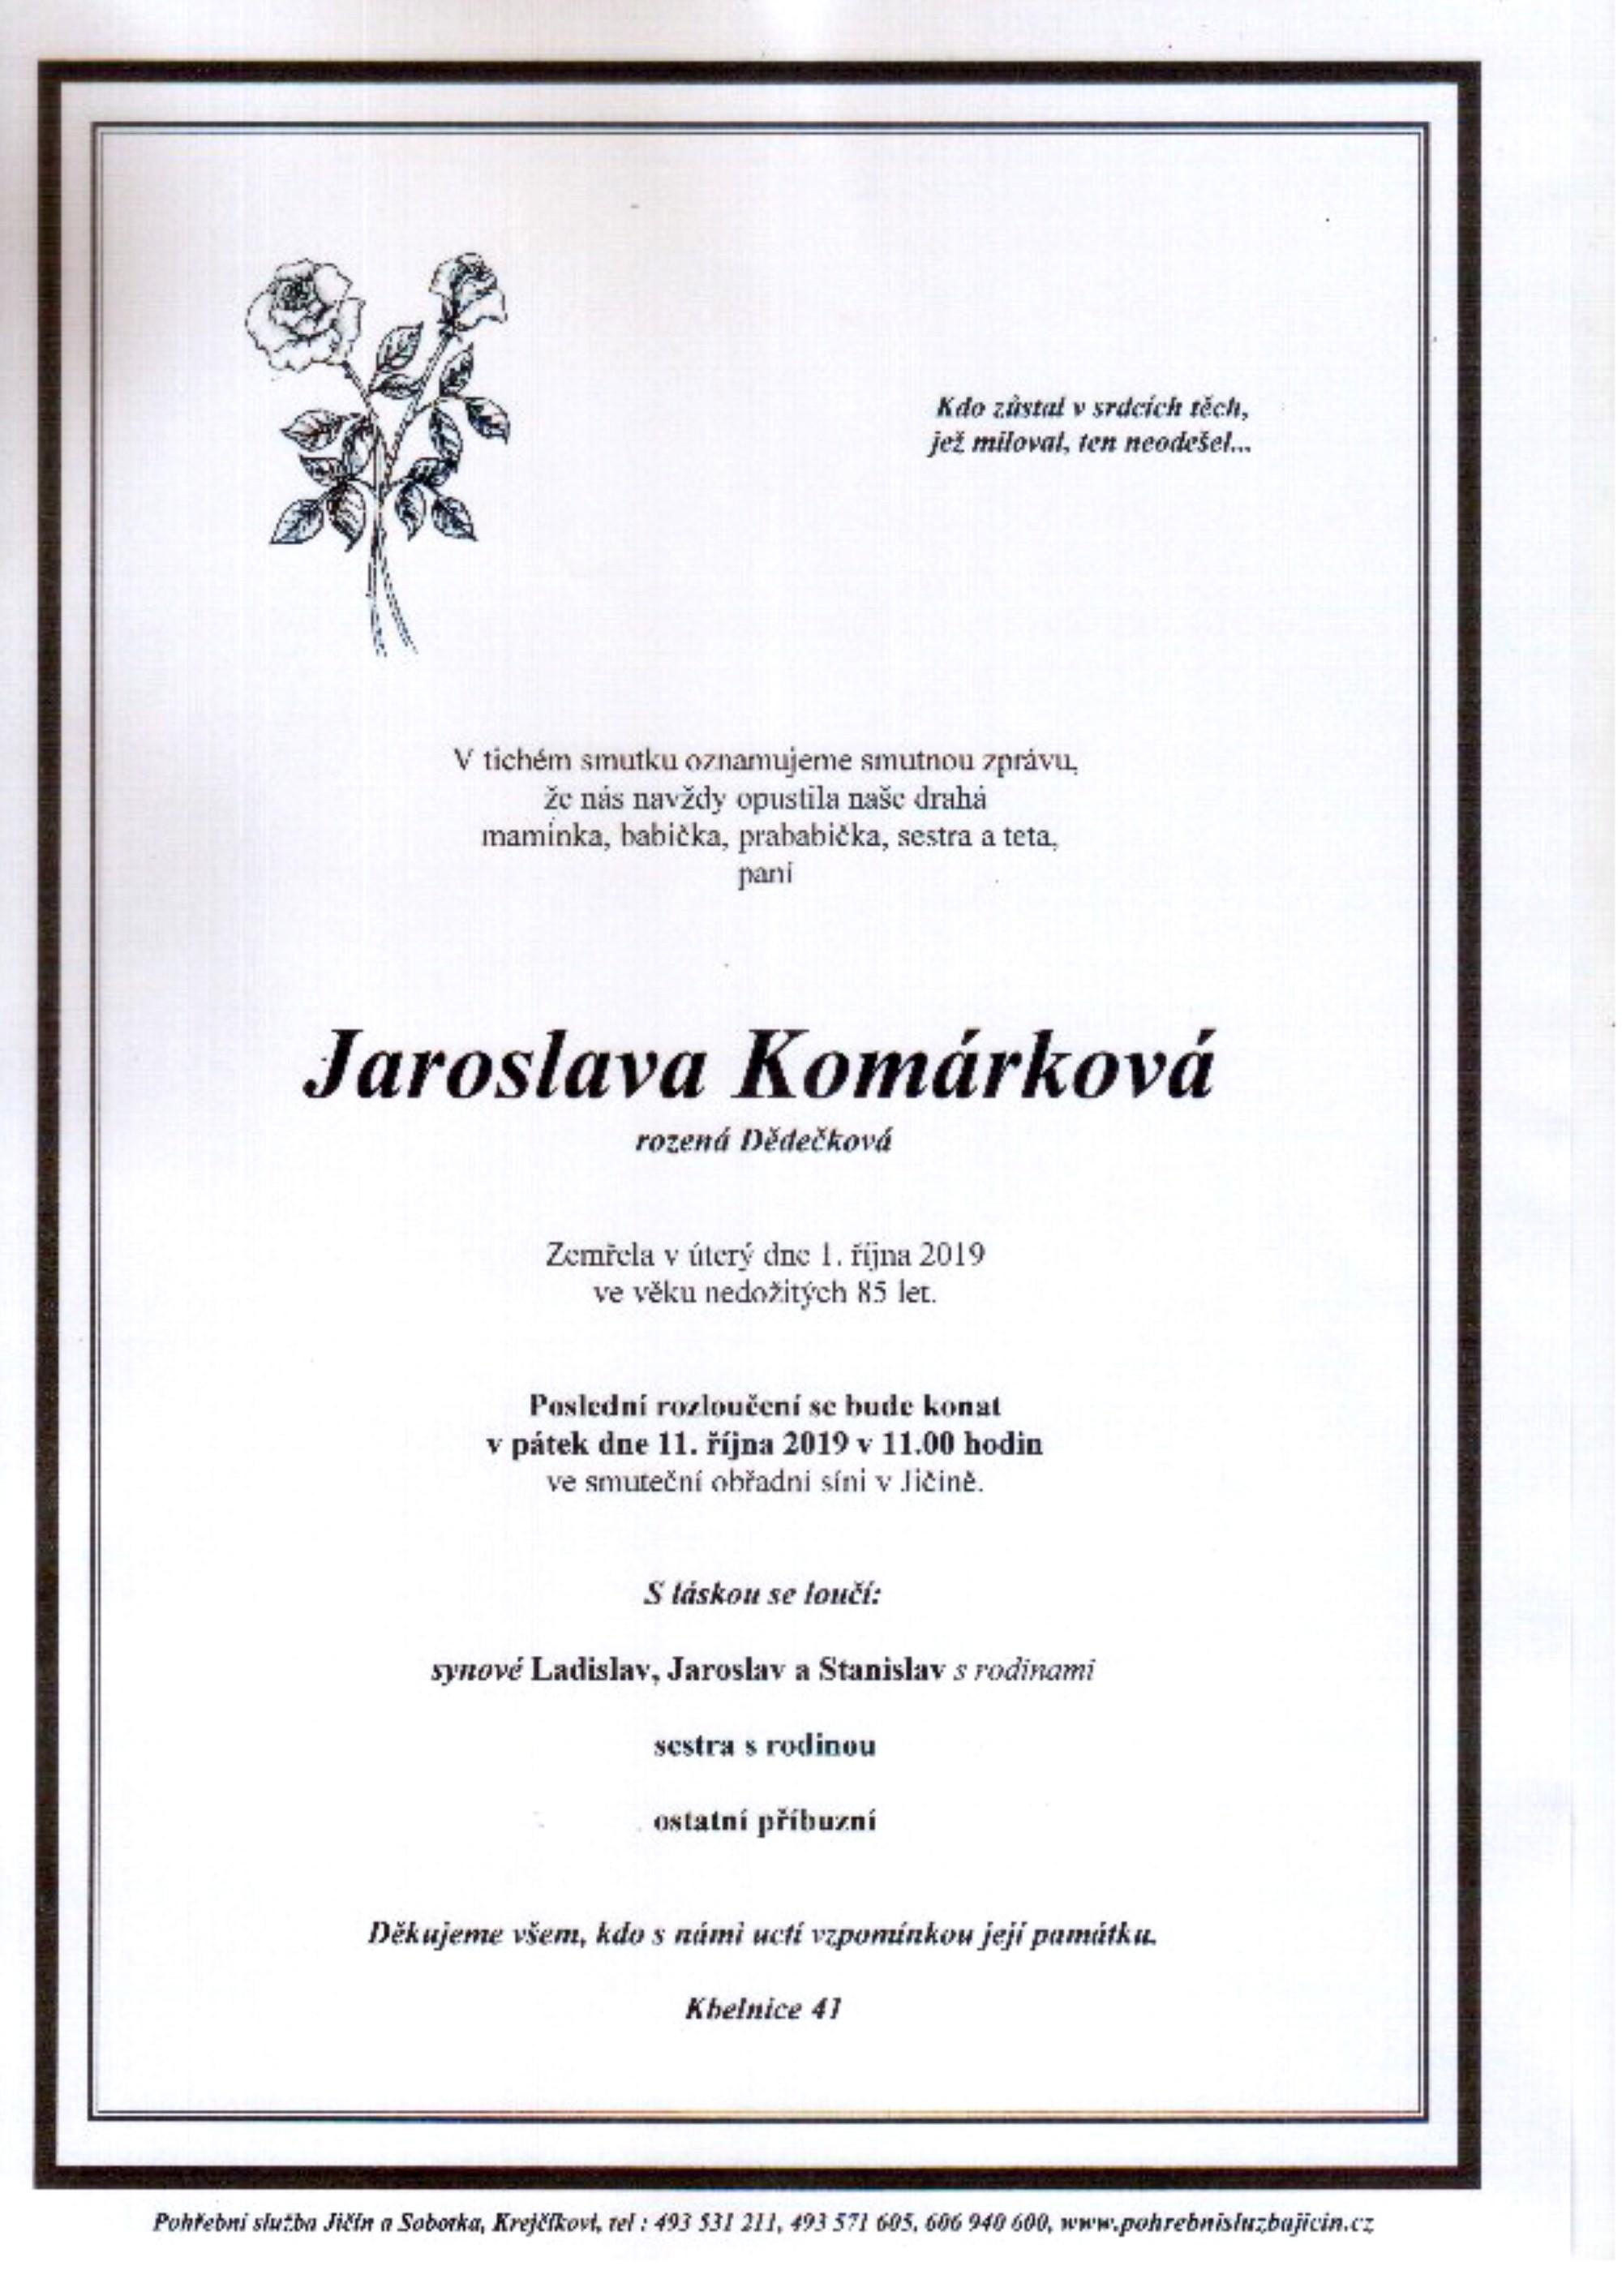 Jaroslava Komárková